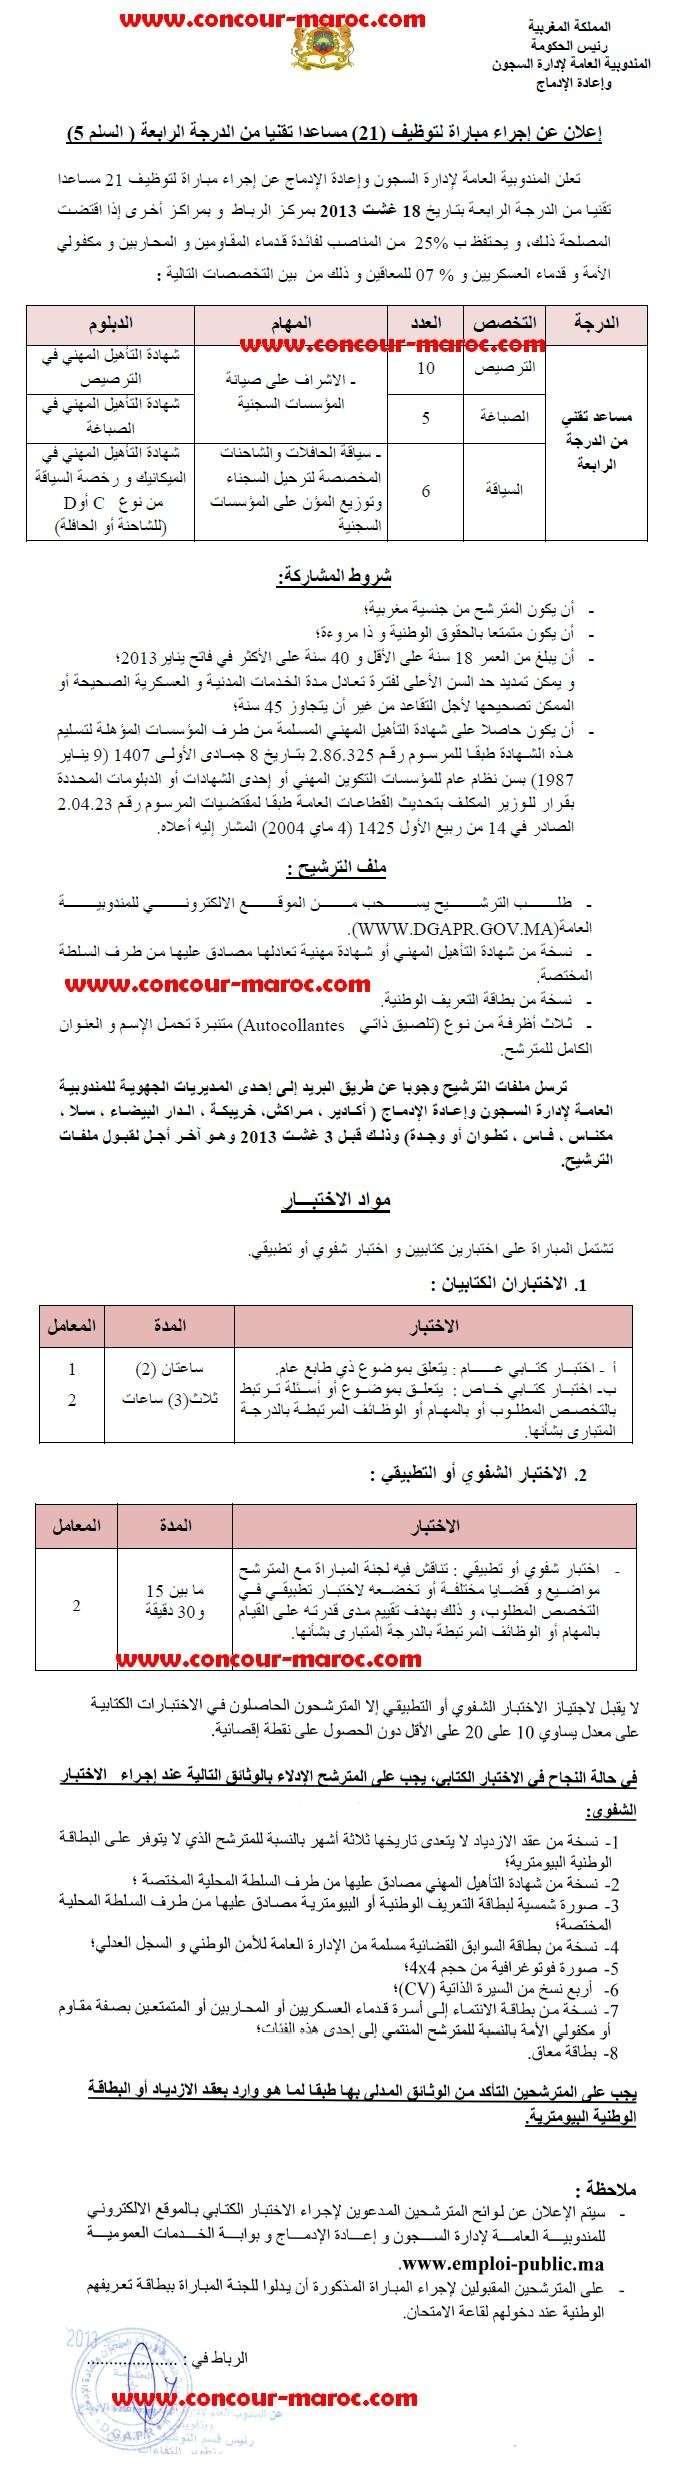 2013 Délégation générale à l'administration pénitentiaire et à la réinsertion : Avis de concours de recrutement de Adjoint technique 4ème grade (21 postes) avant le  3 août Concou35